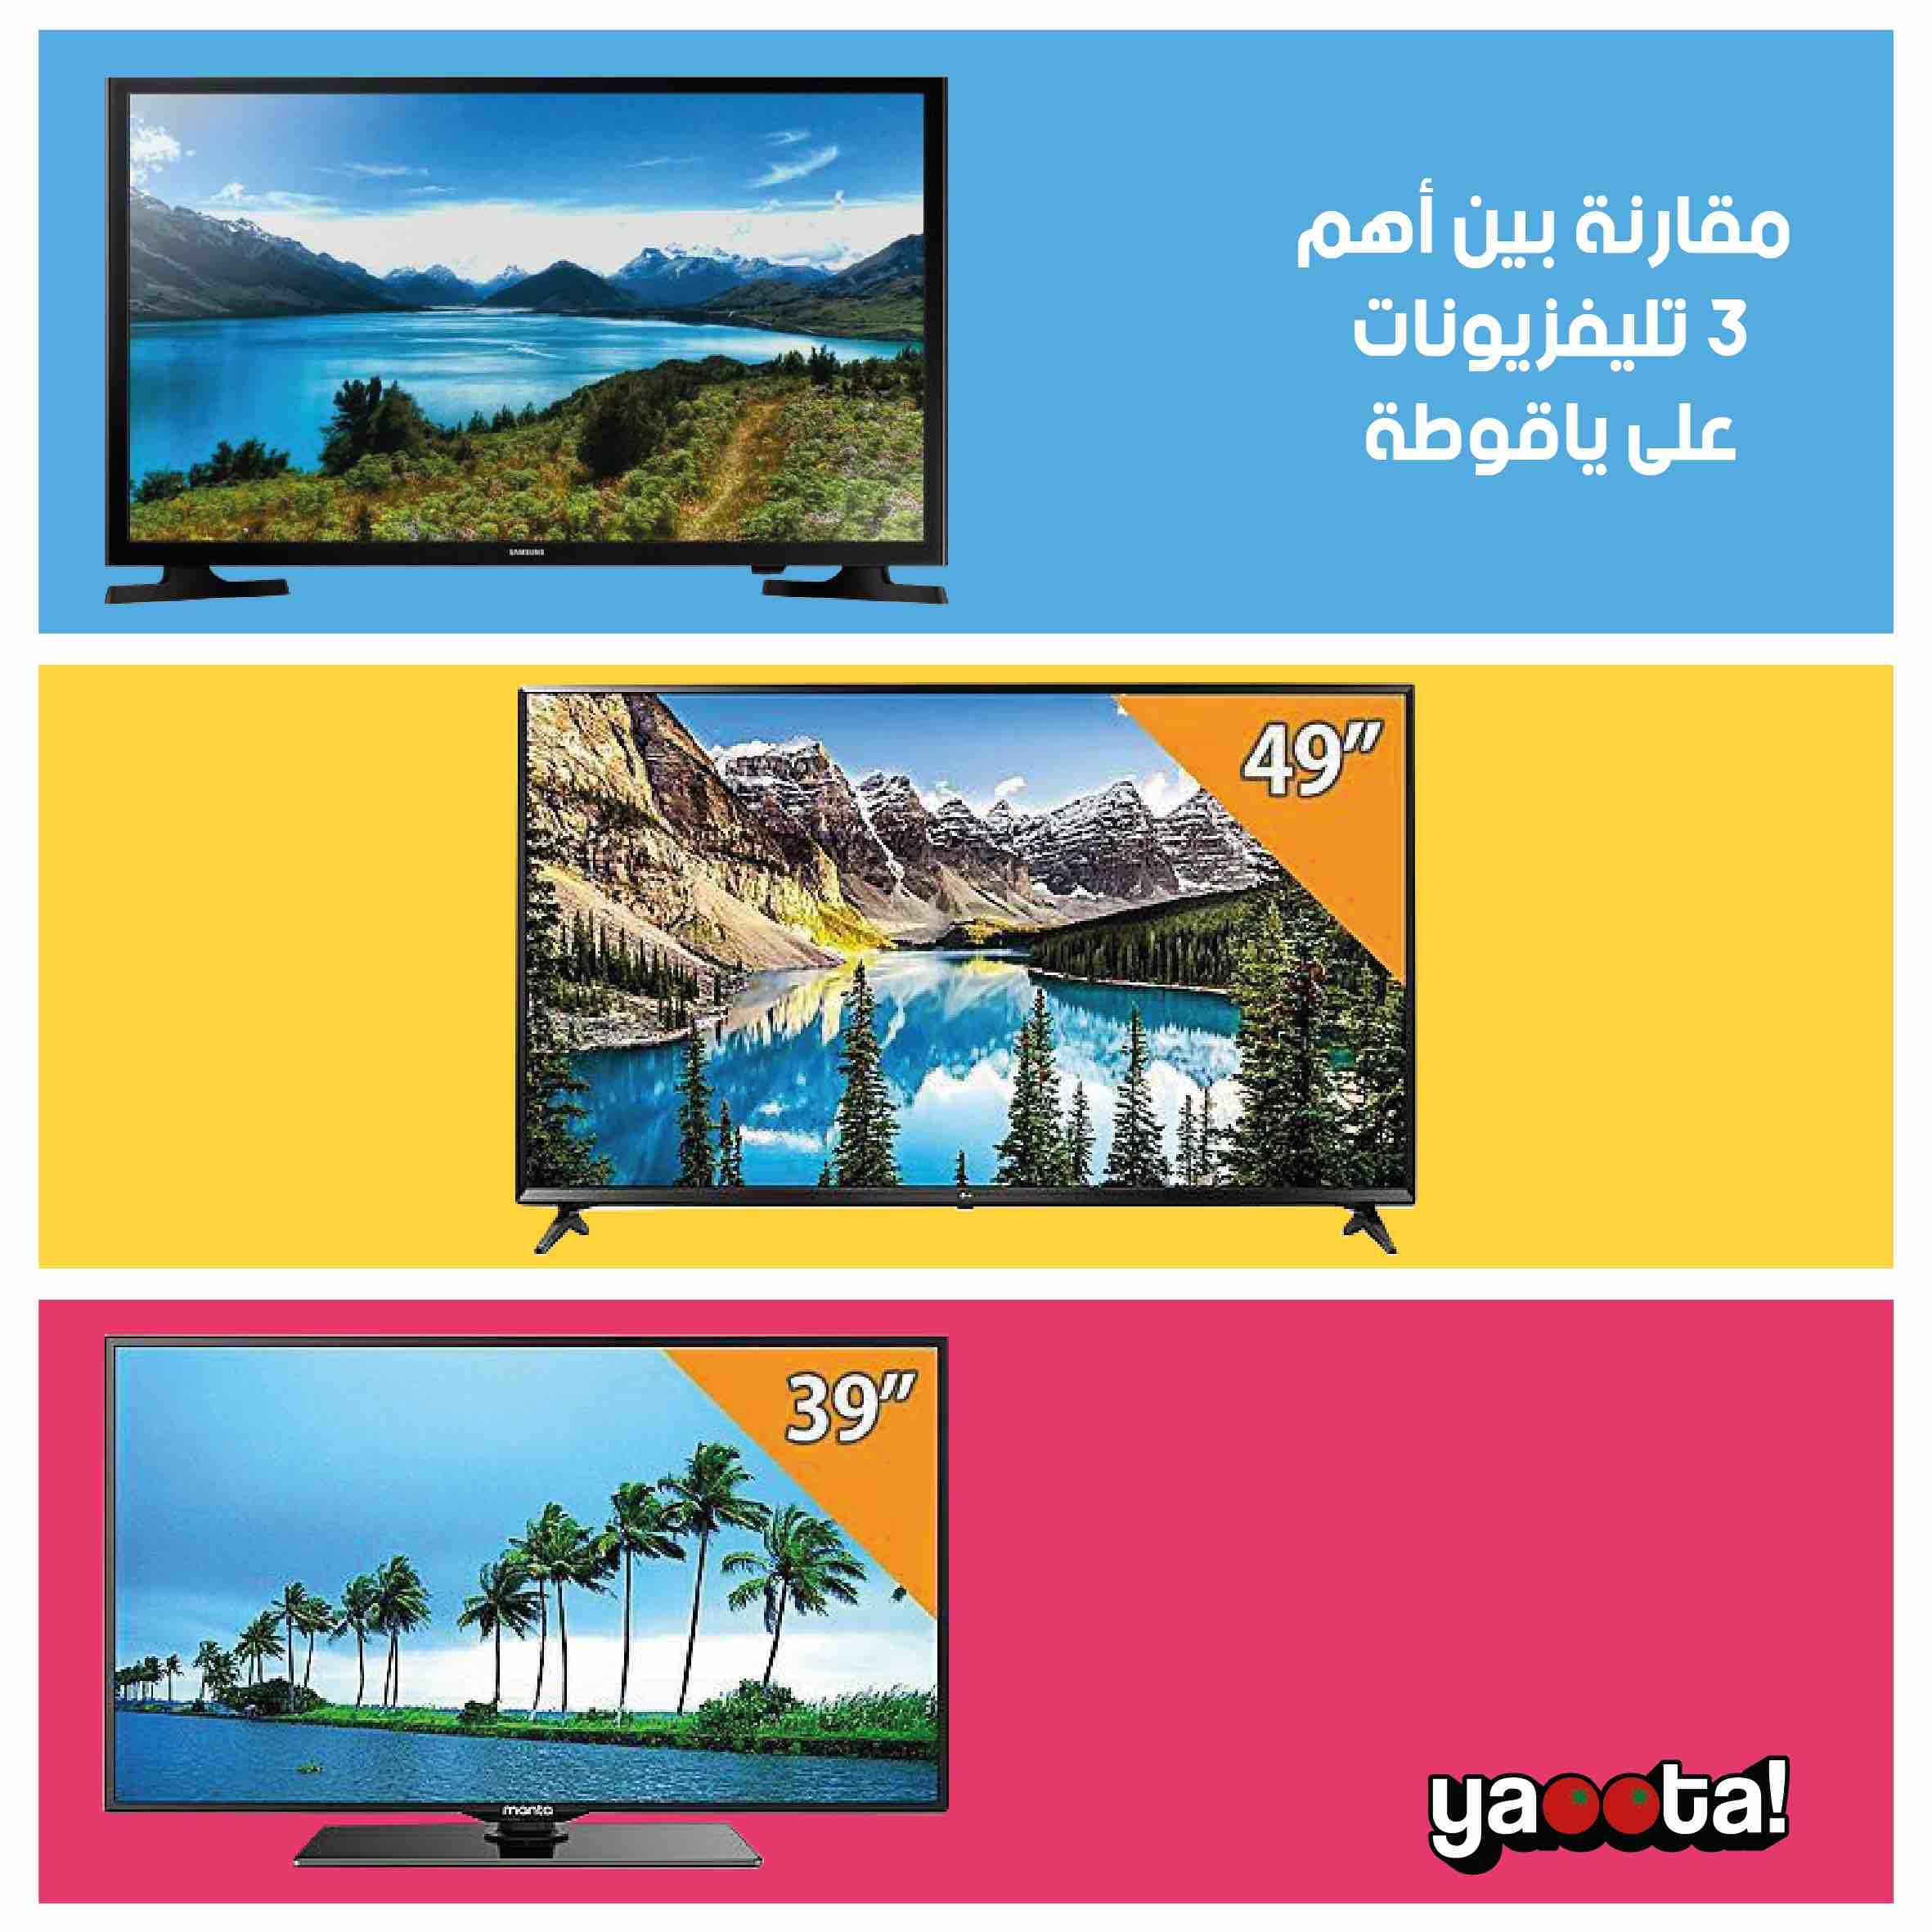 مقارنة بين مميزات وعيوب و سعر أهم ٣ تليفزيونات على ياقوطة